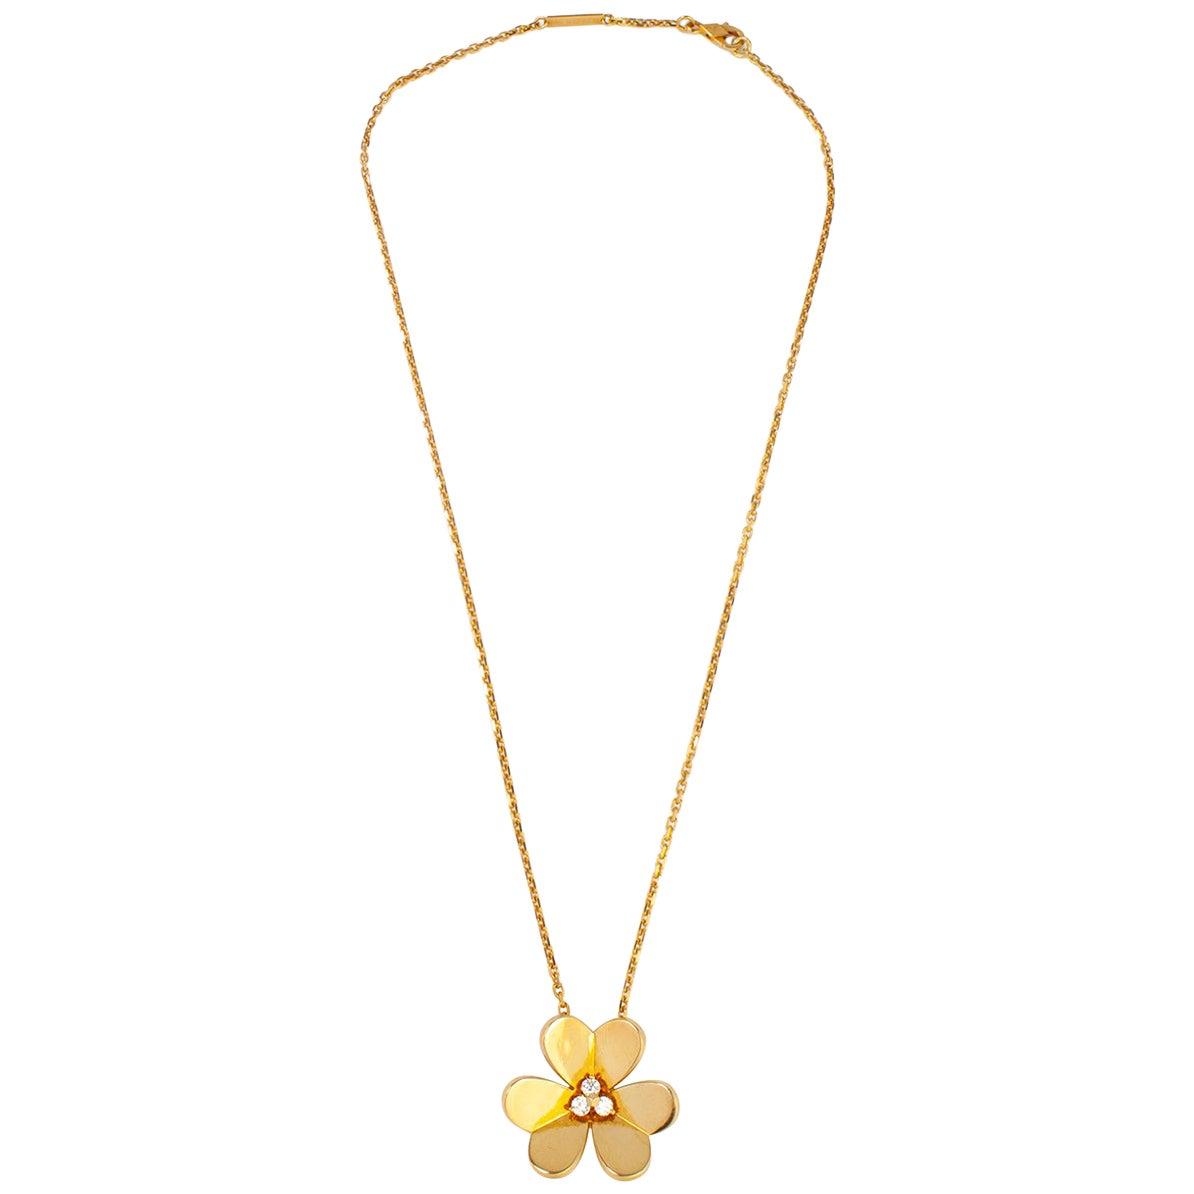 Van Cleef & Arpels 18 Karat Yellow Gold Ladies Necklace